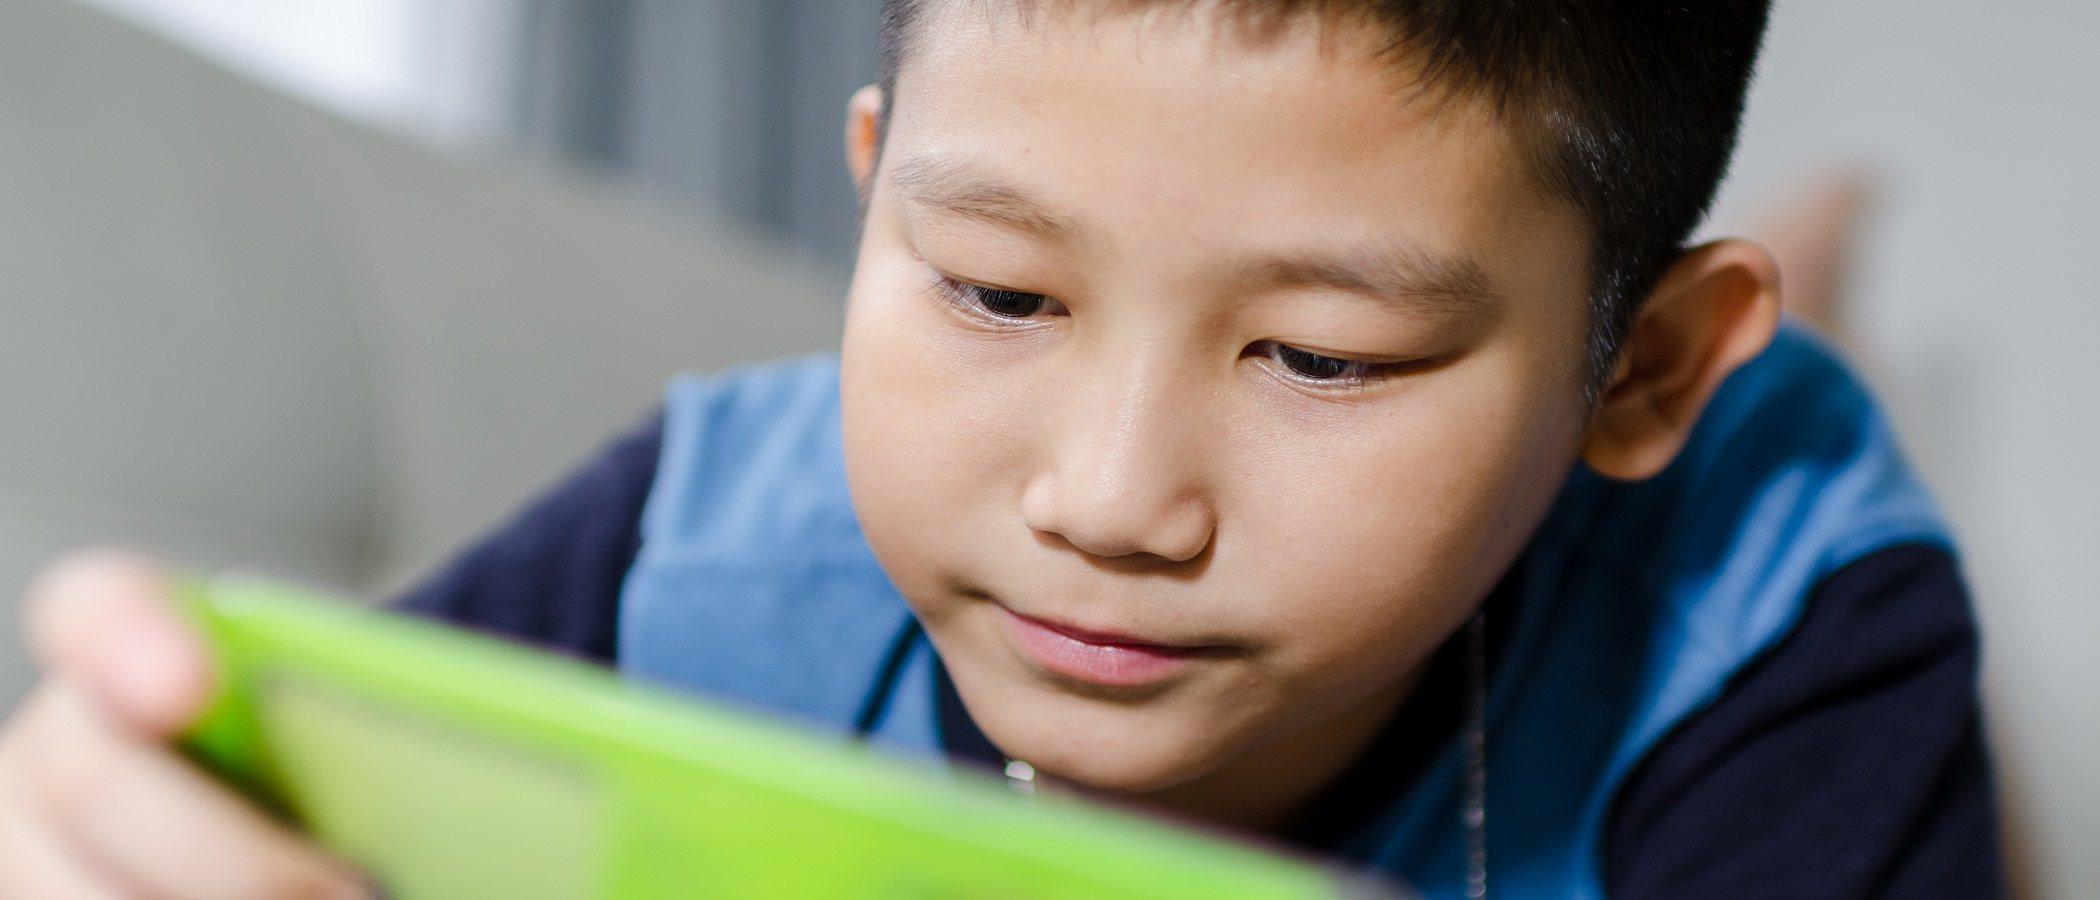 Efectos negativos de la electrónica en los adolescentes